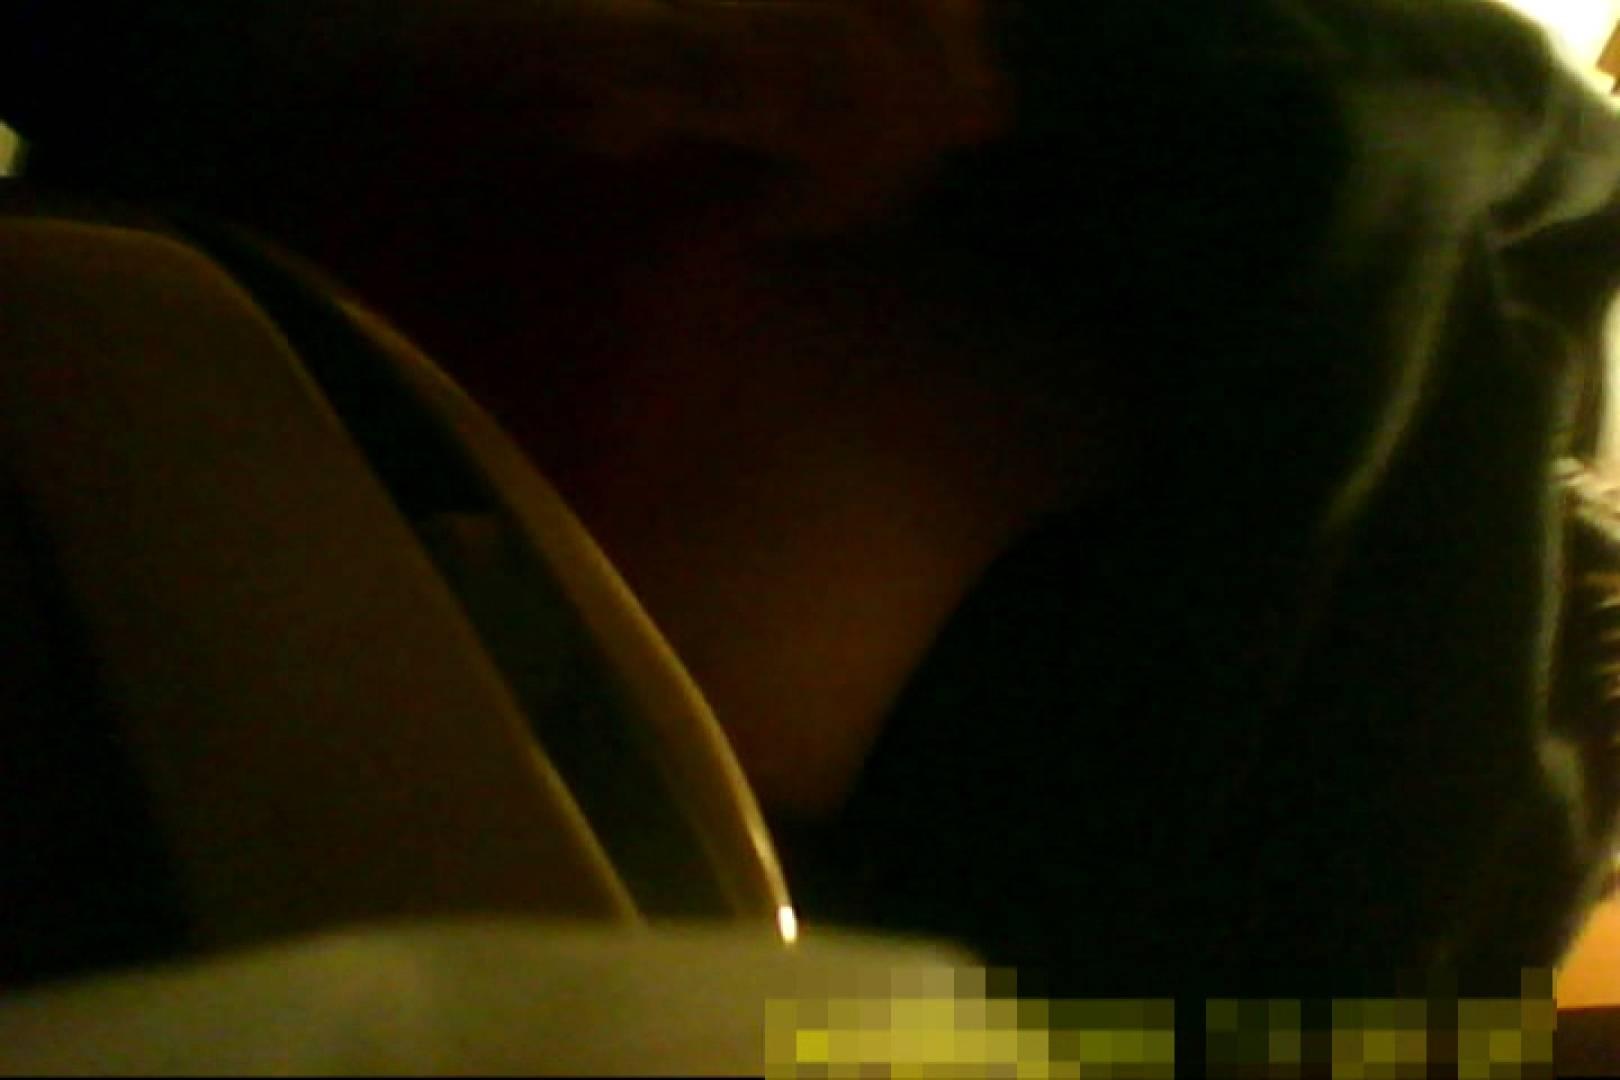 魅惑の化粧室~禁断のプライベート空間~vol.9 プライベート ワレメ無修正動画無料 70連発 67